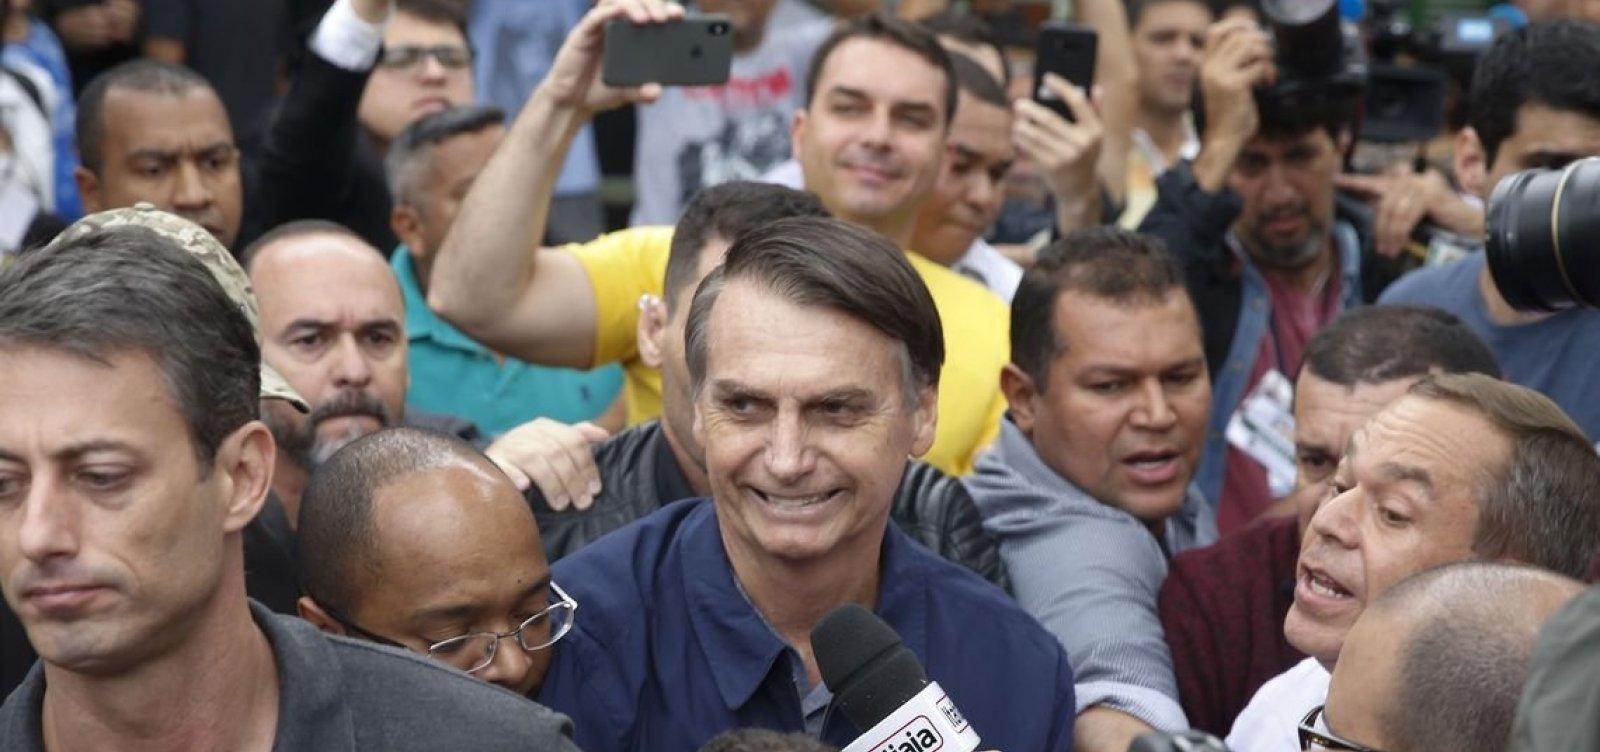 [Petistas querem punição a pastores que pedem voto em Bolsonaro]